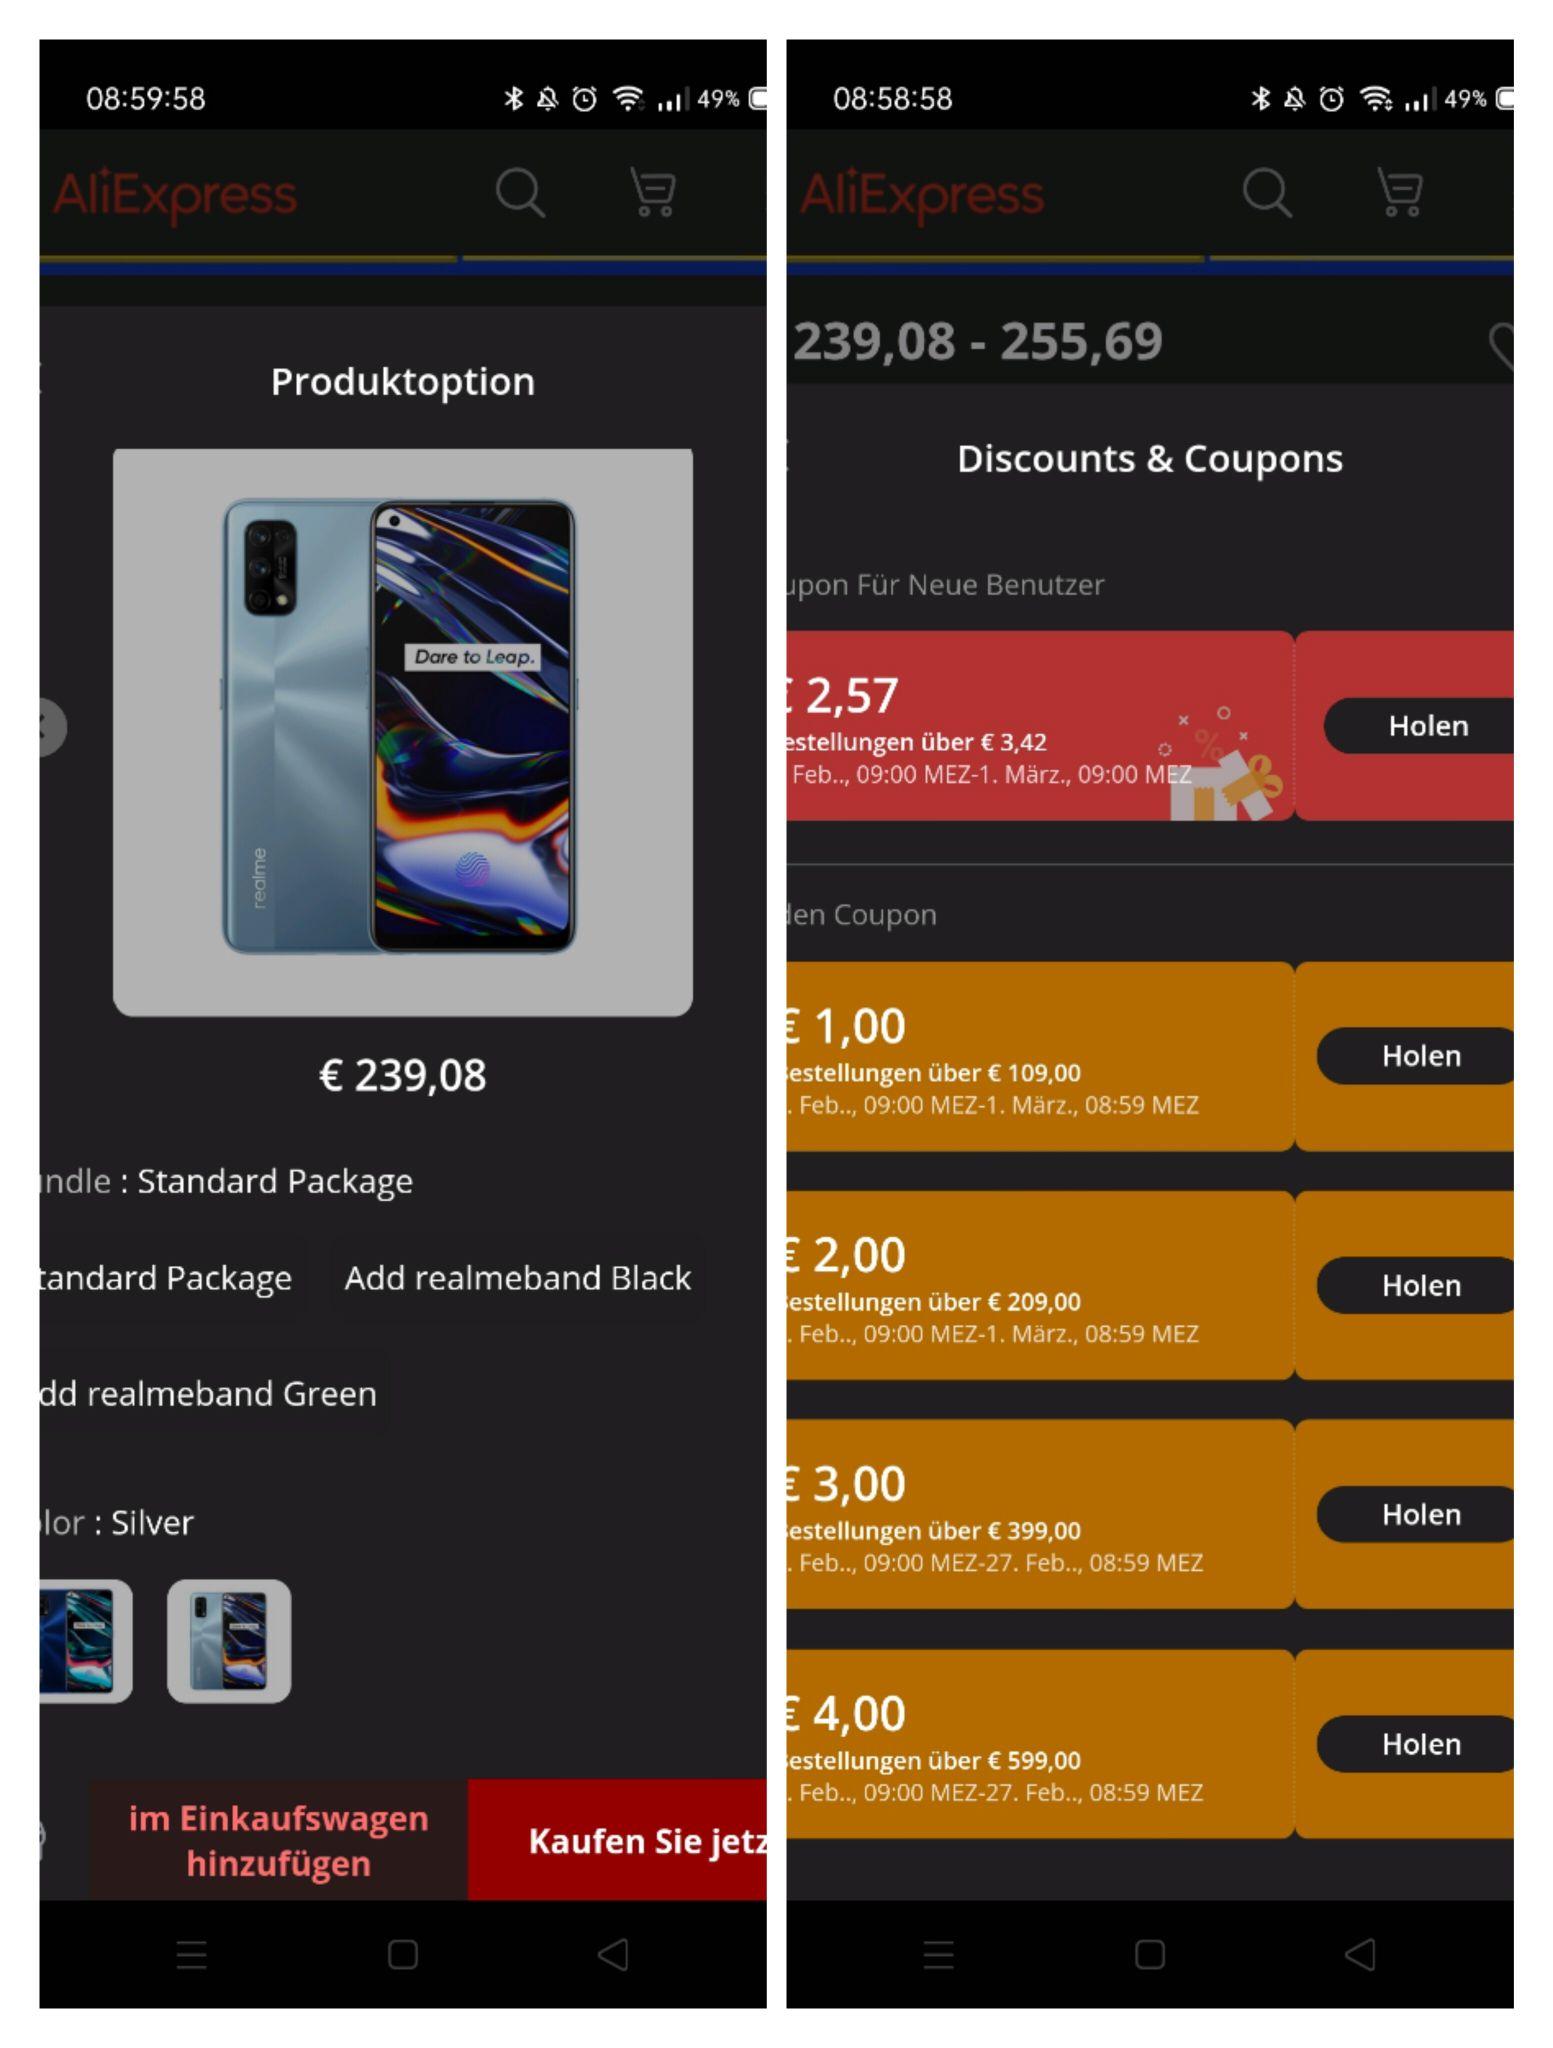 Realme 7 Pro 8/128GB AMOLED 65W-Laden, SD720G Zollfrei EU-Lager, Gutscheine einsammeln, Beschreibung lesen!